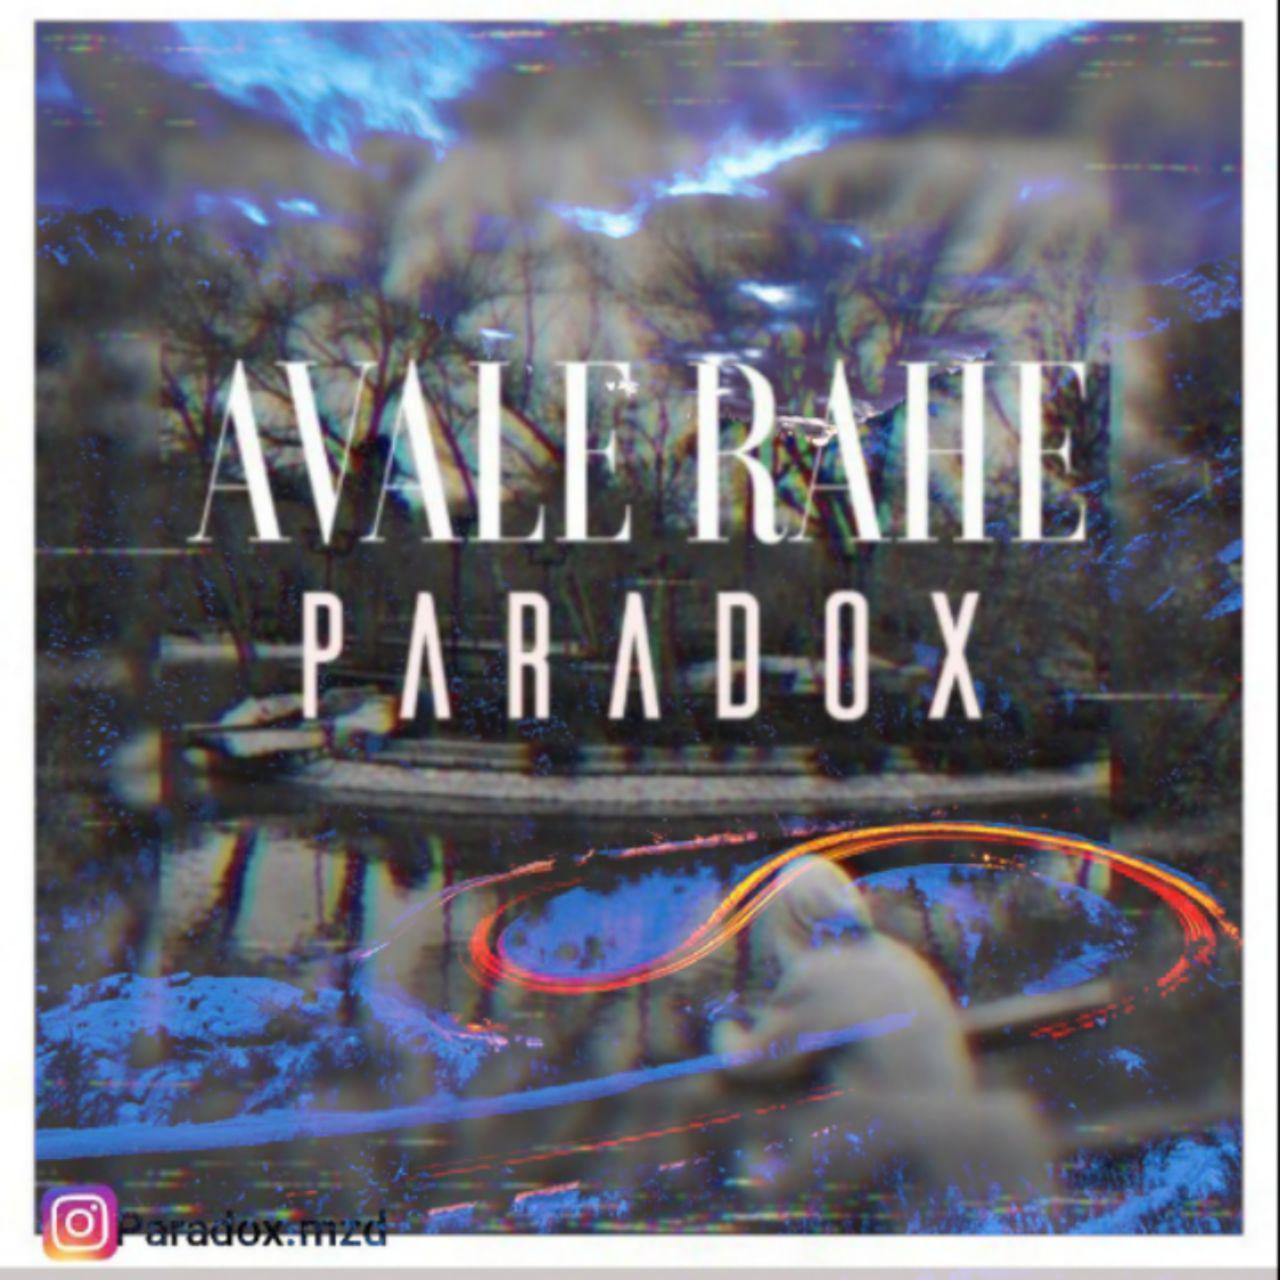 Paradox – Avale Rahe